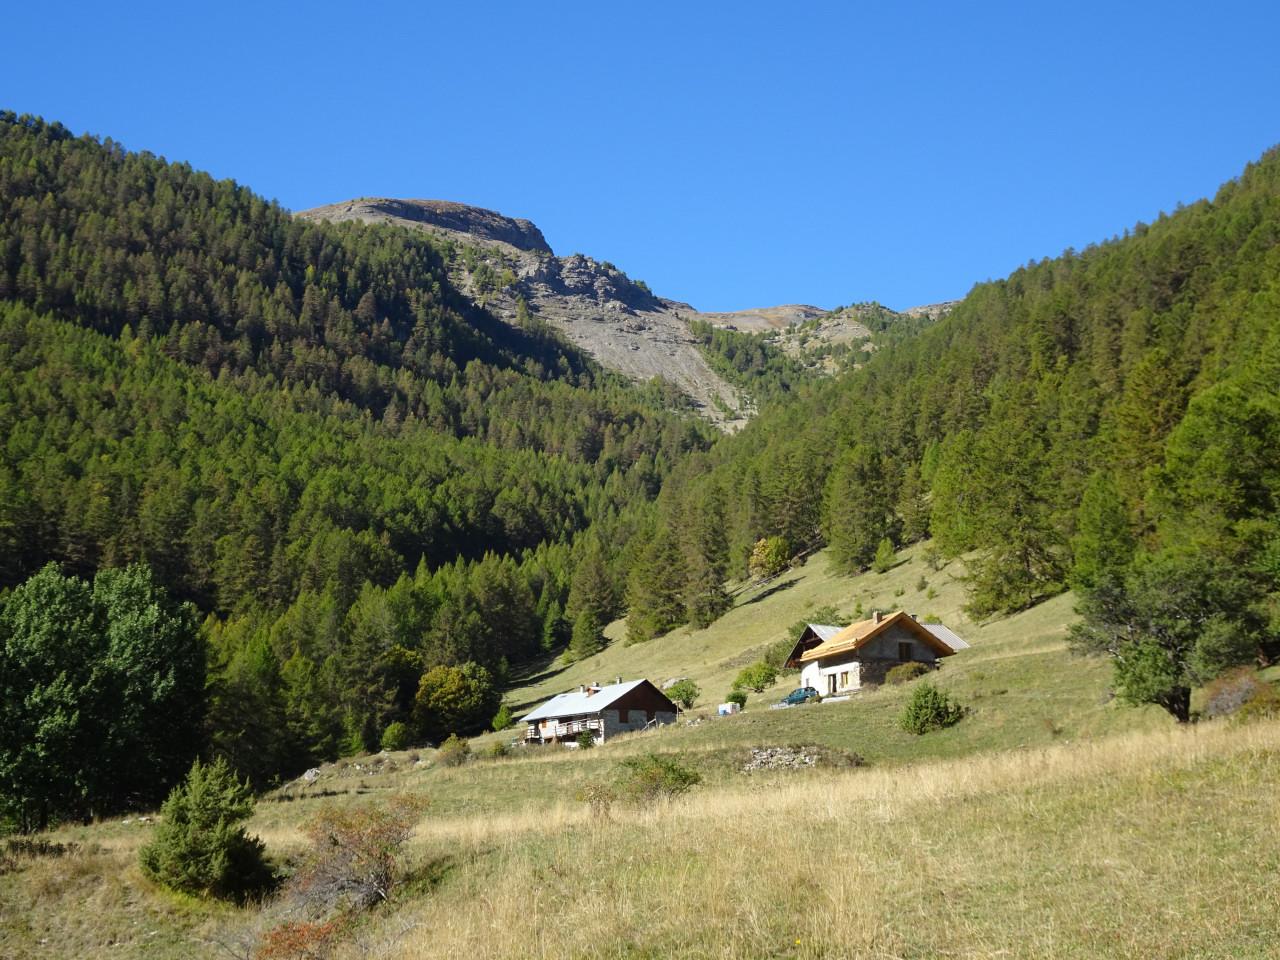 dsc05041 Le hameau des petites montagnes de Bouffard.